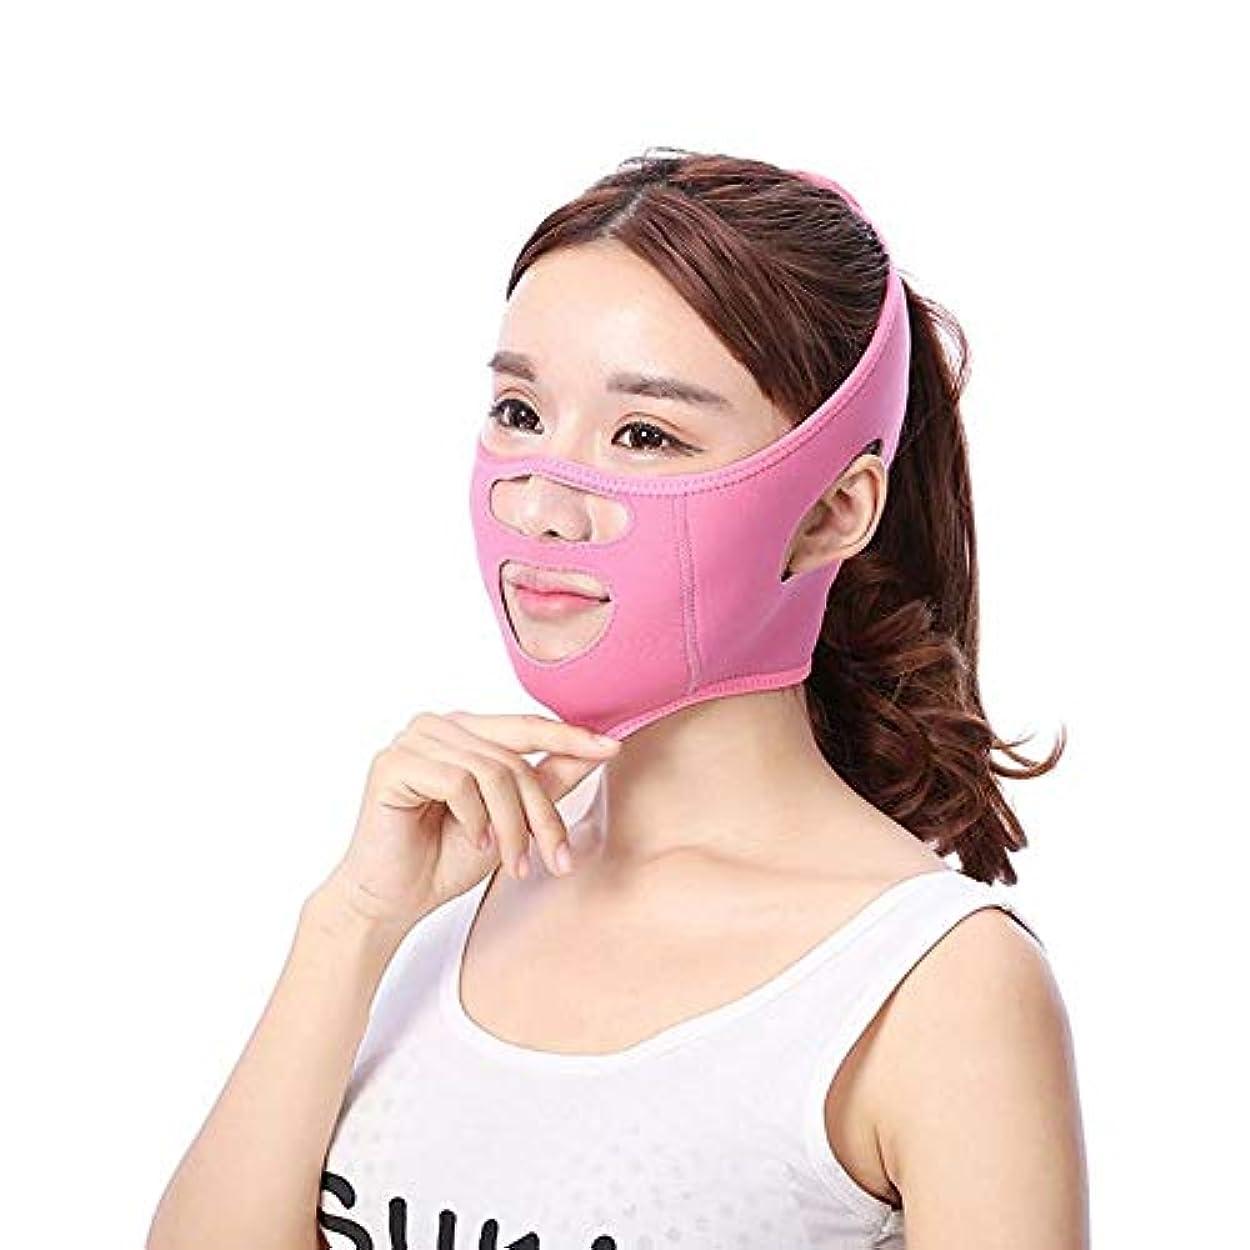 サドル今晩コンベンションMinmin シンフェイスアーティファクトリフティング引き締めフェイス睡眠包帯フェイシャルリフティングアンチ垂れ下がり法律パターンステッカー8ワード口角 - ピンク みんみんVラインフェイスマスク